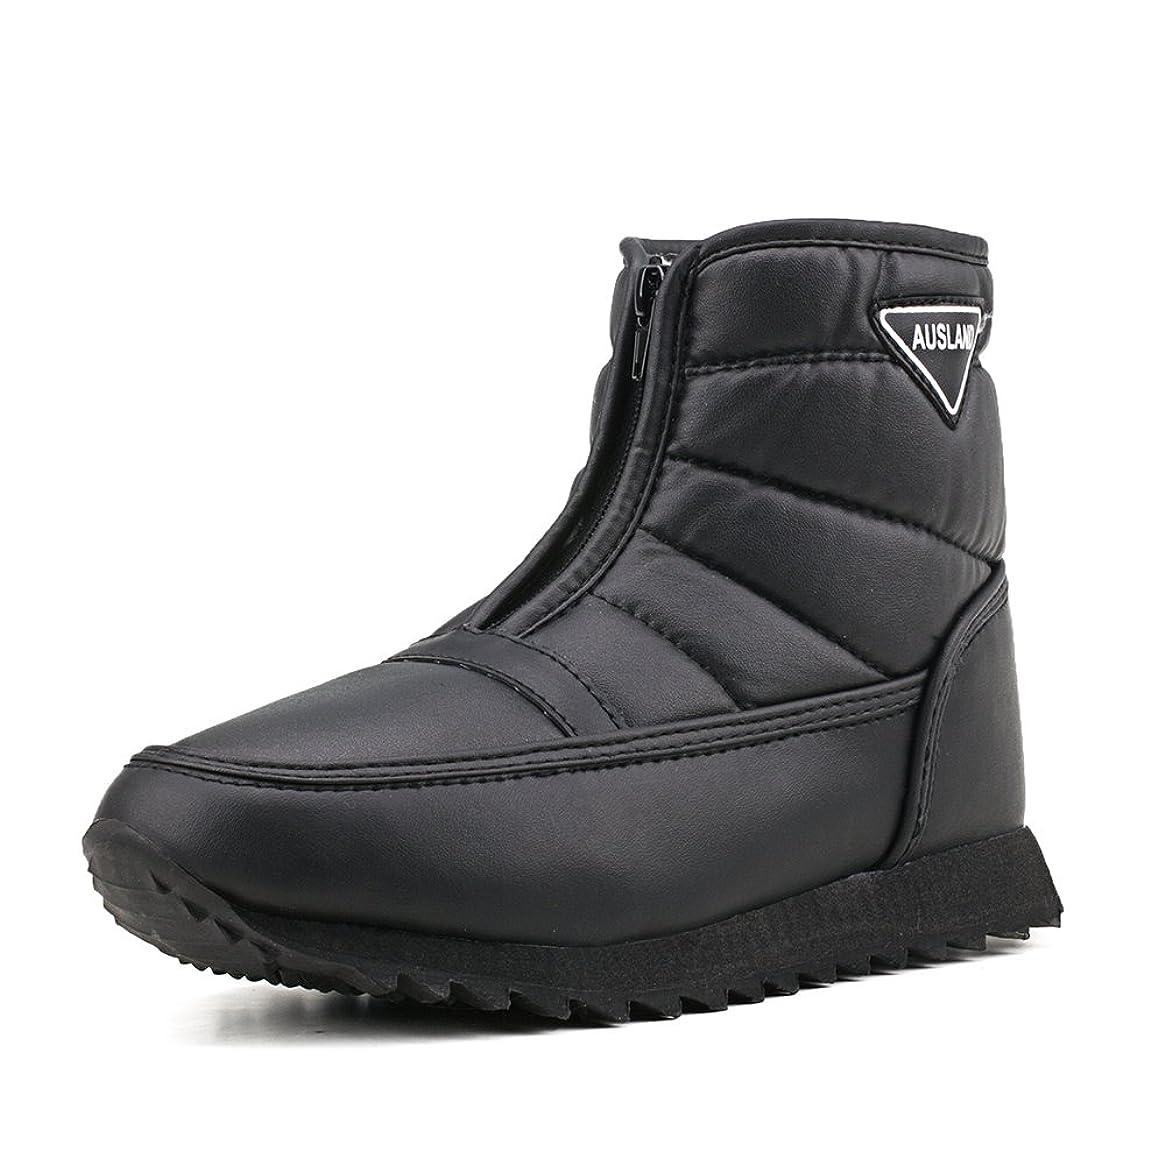 小麦適度なとてもメンズブーツ ショートブーツ スノーブーツ 撥水加工 防寒 ブラック